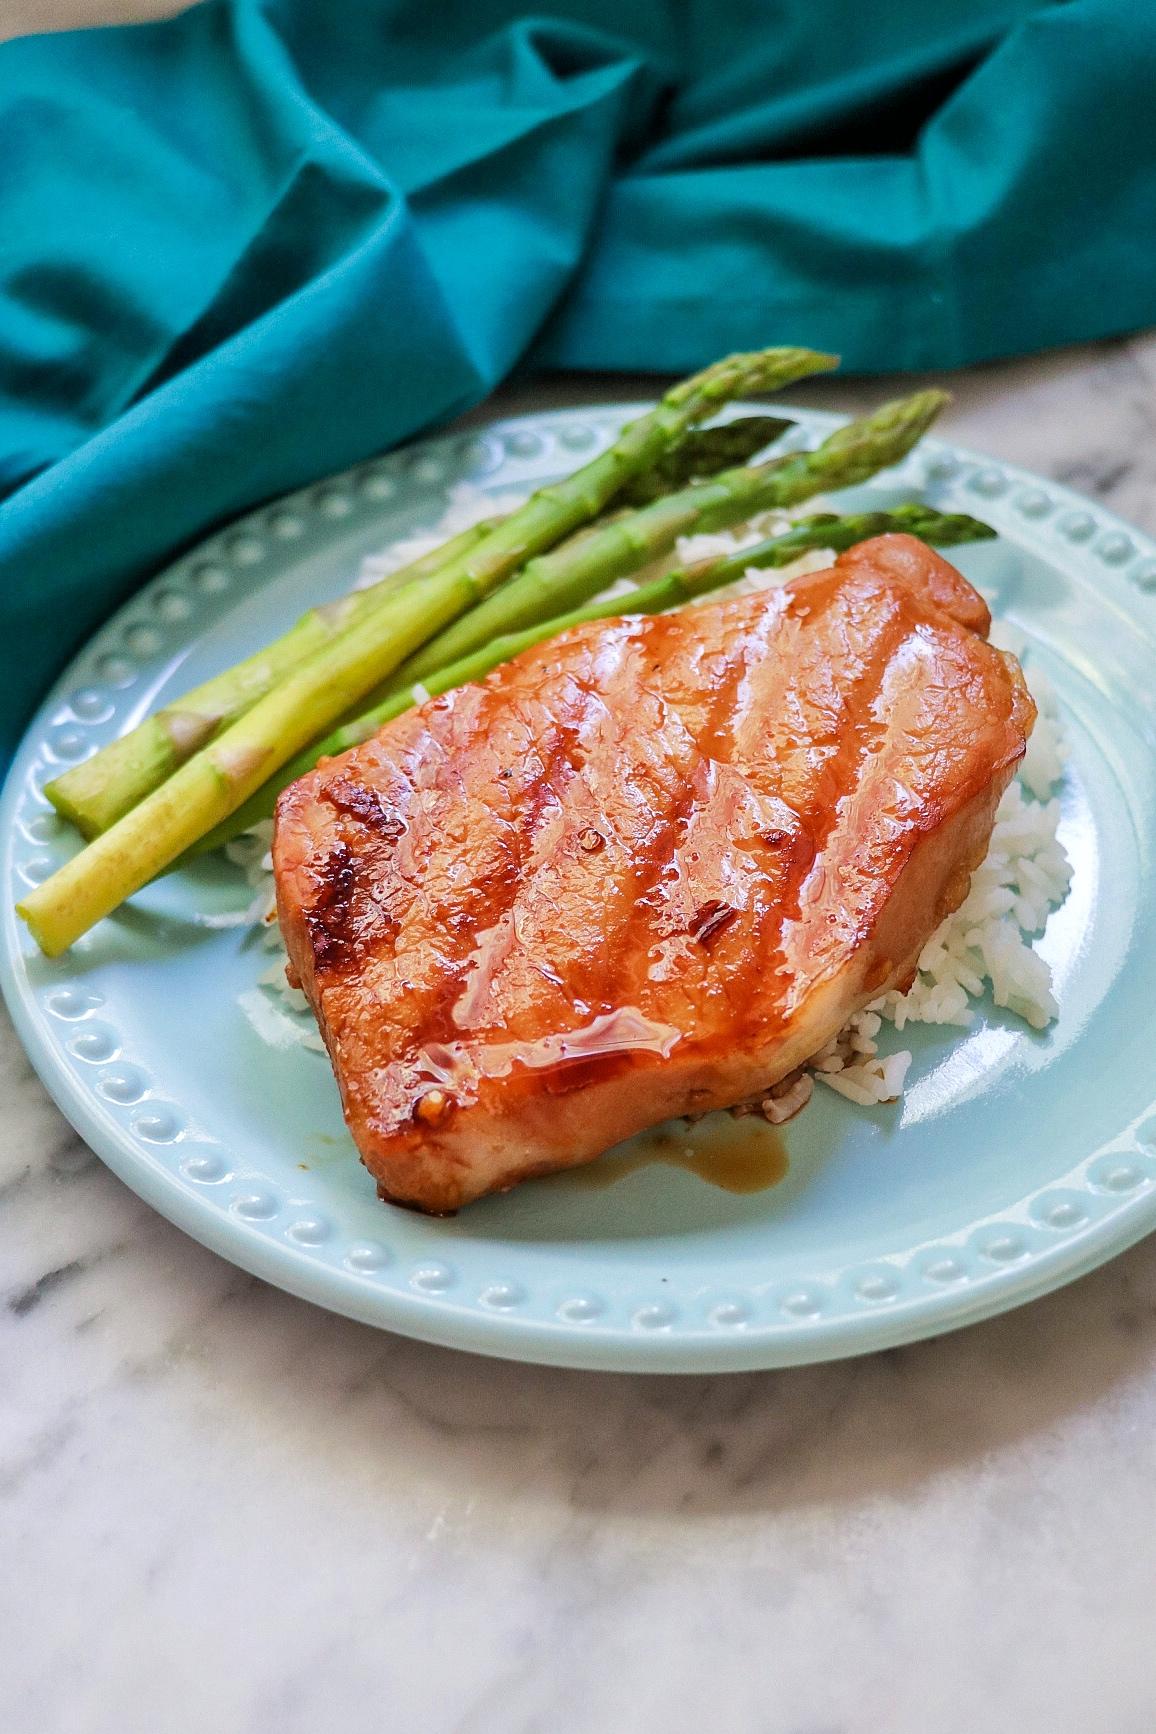 Honey-Soy Grilled Pork Chops